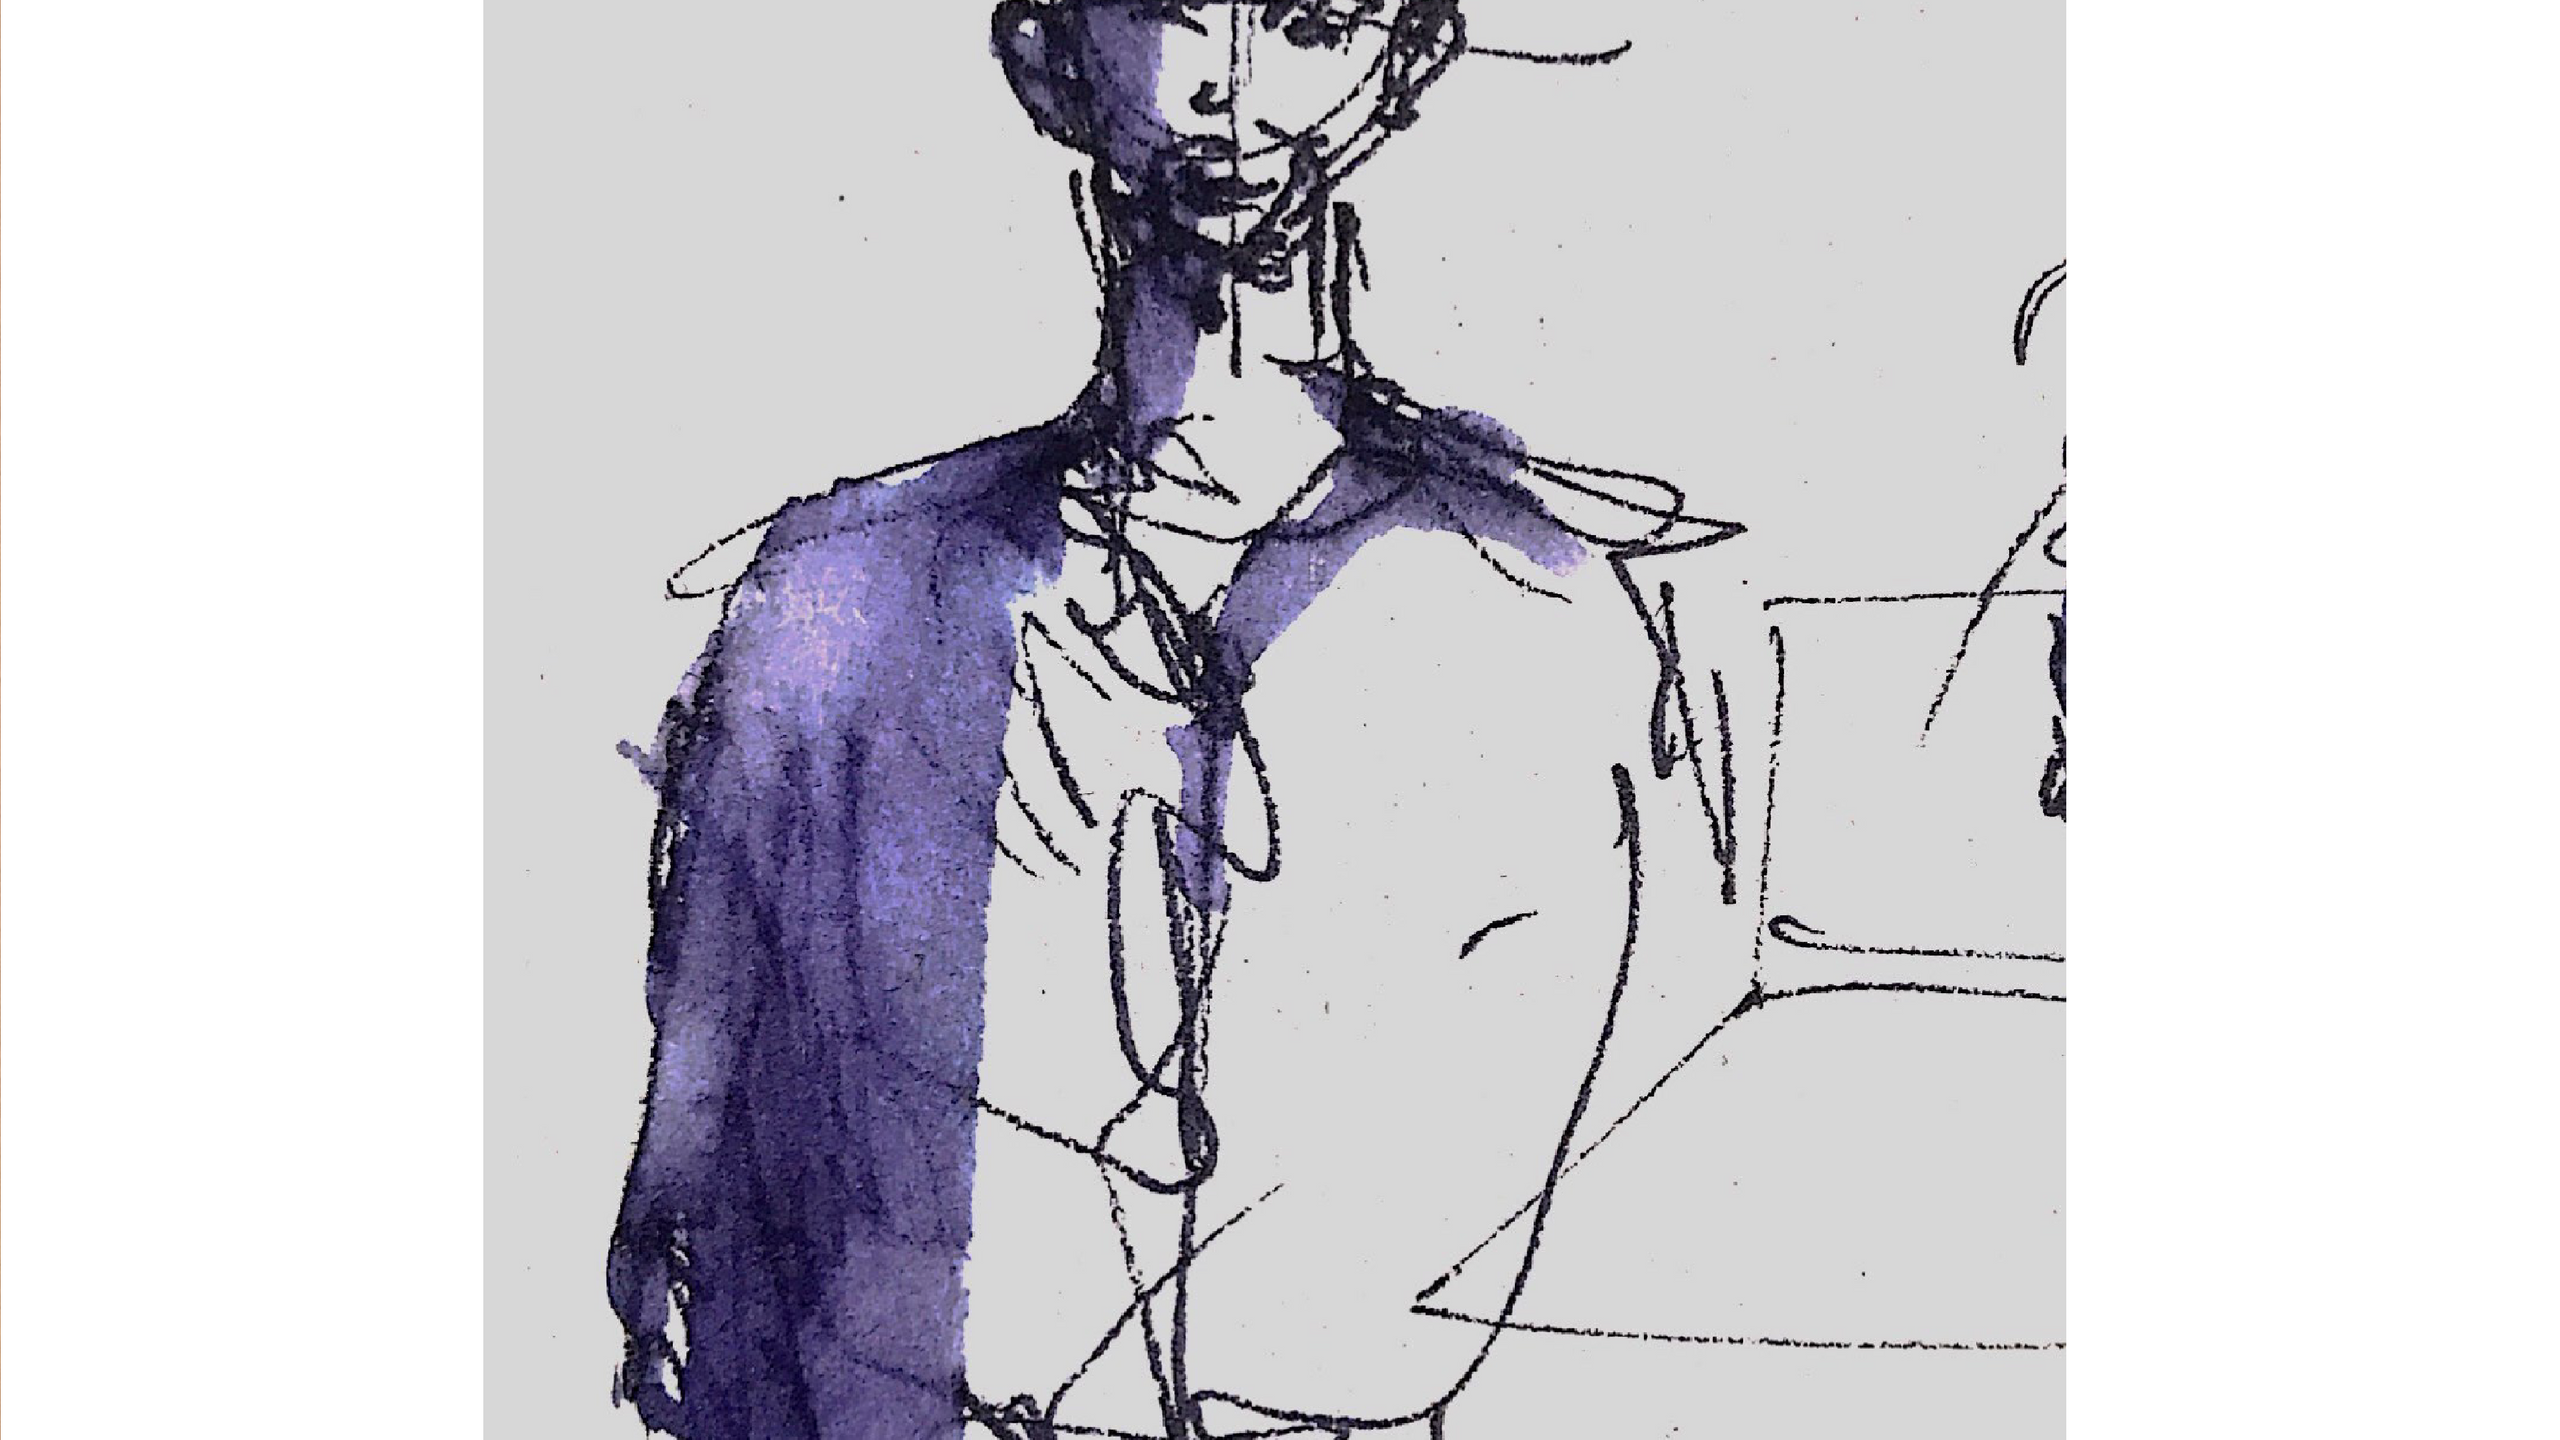 Saul nel disegno di Anna Pennini